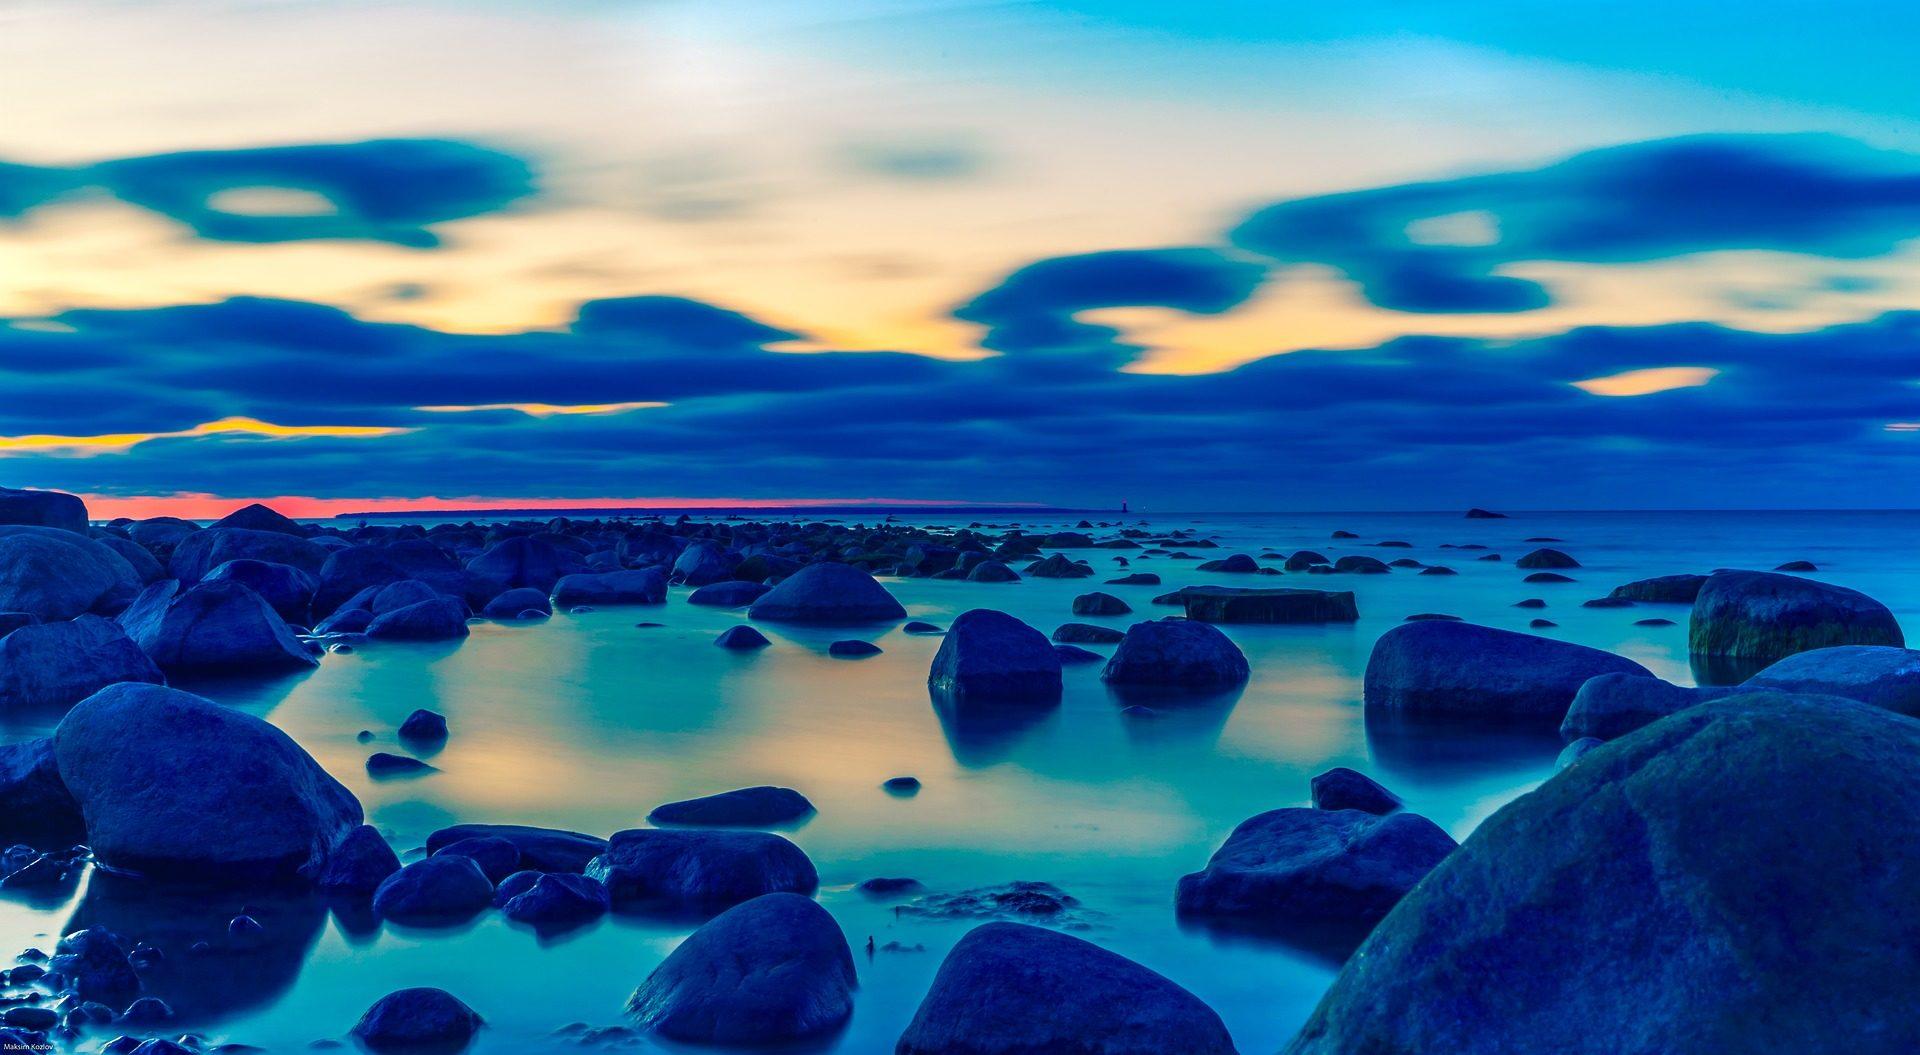 Fondos De Pantalla Del Mar: Océano, Mar, Piedras, Calma, Playa, Atardecer, Báltico